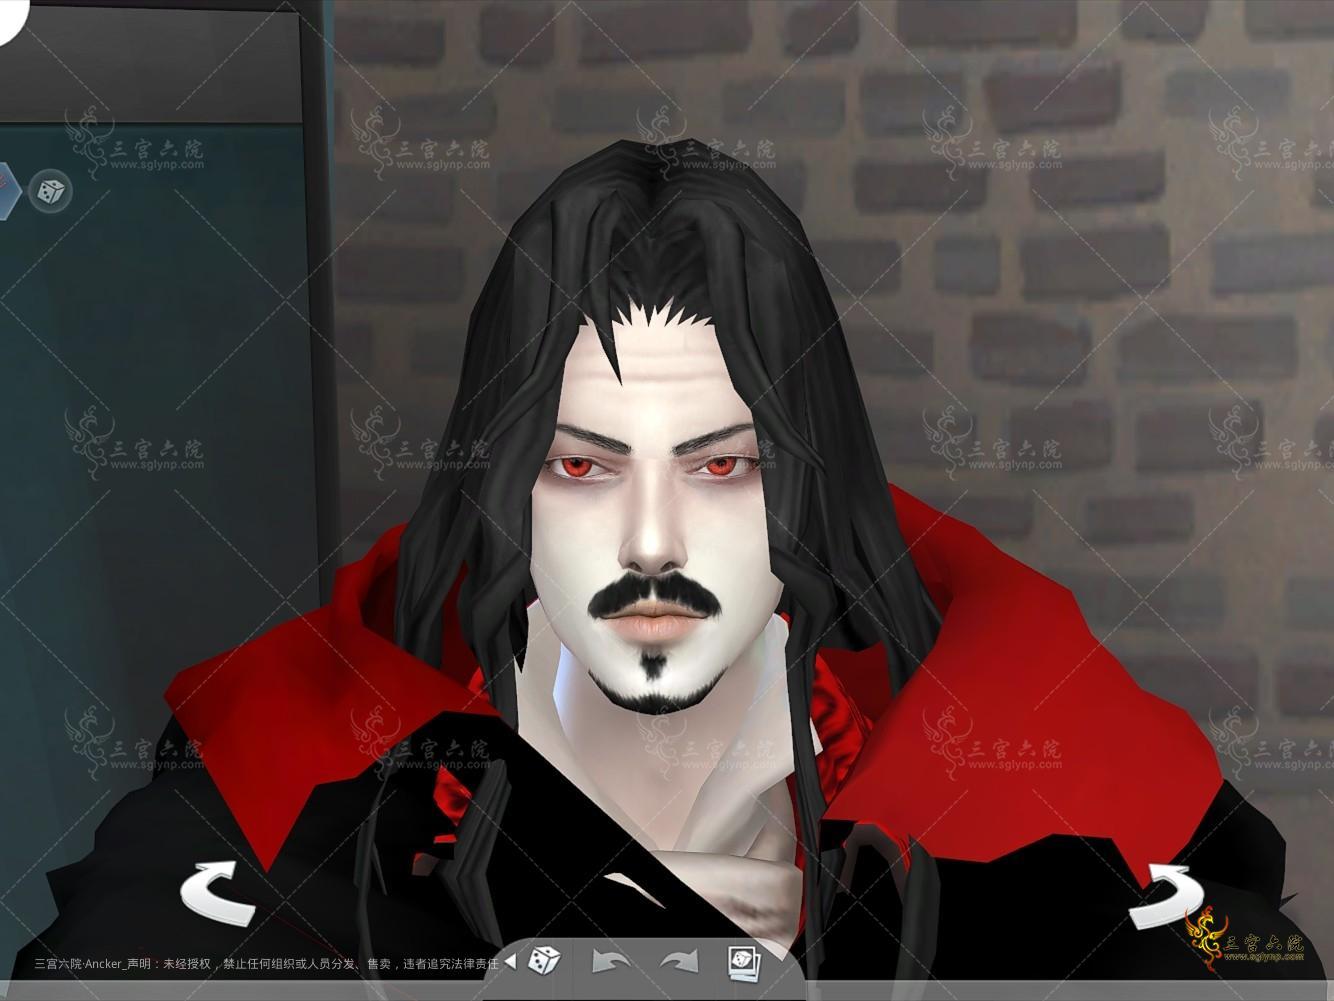 Sims 4 Screenshot 2021.09.01 - 22.30.11.87_副本.png